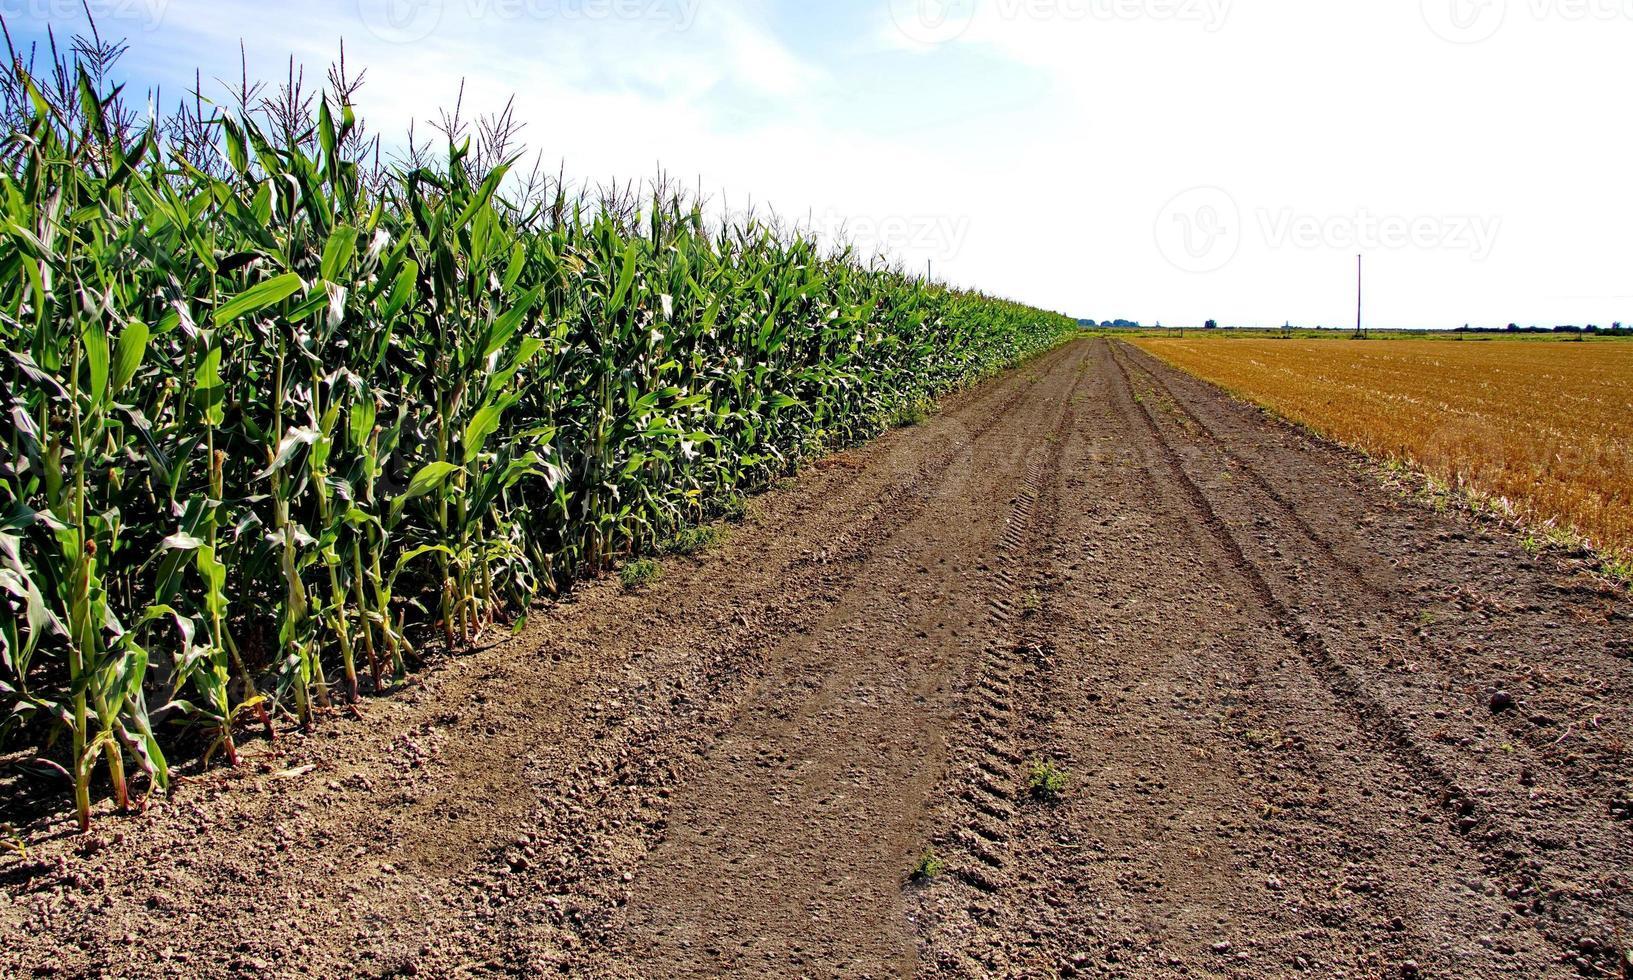 Maisfeld und das Feld des geschnittenen Grases foto